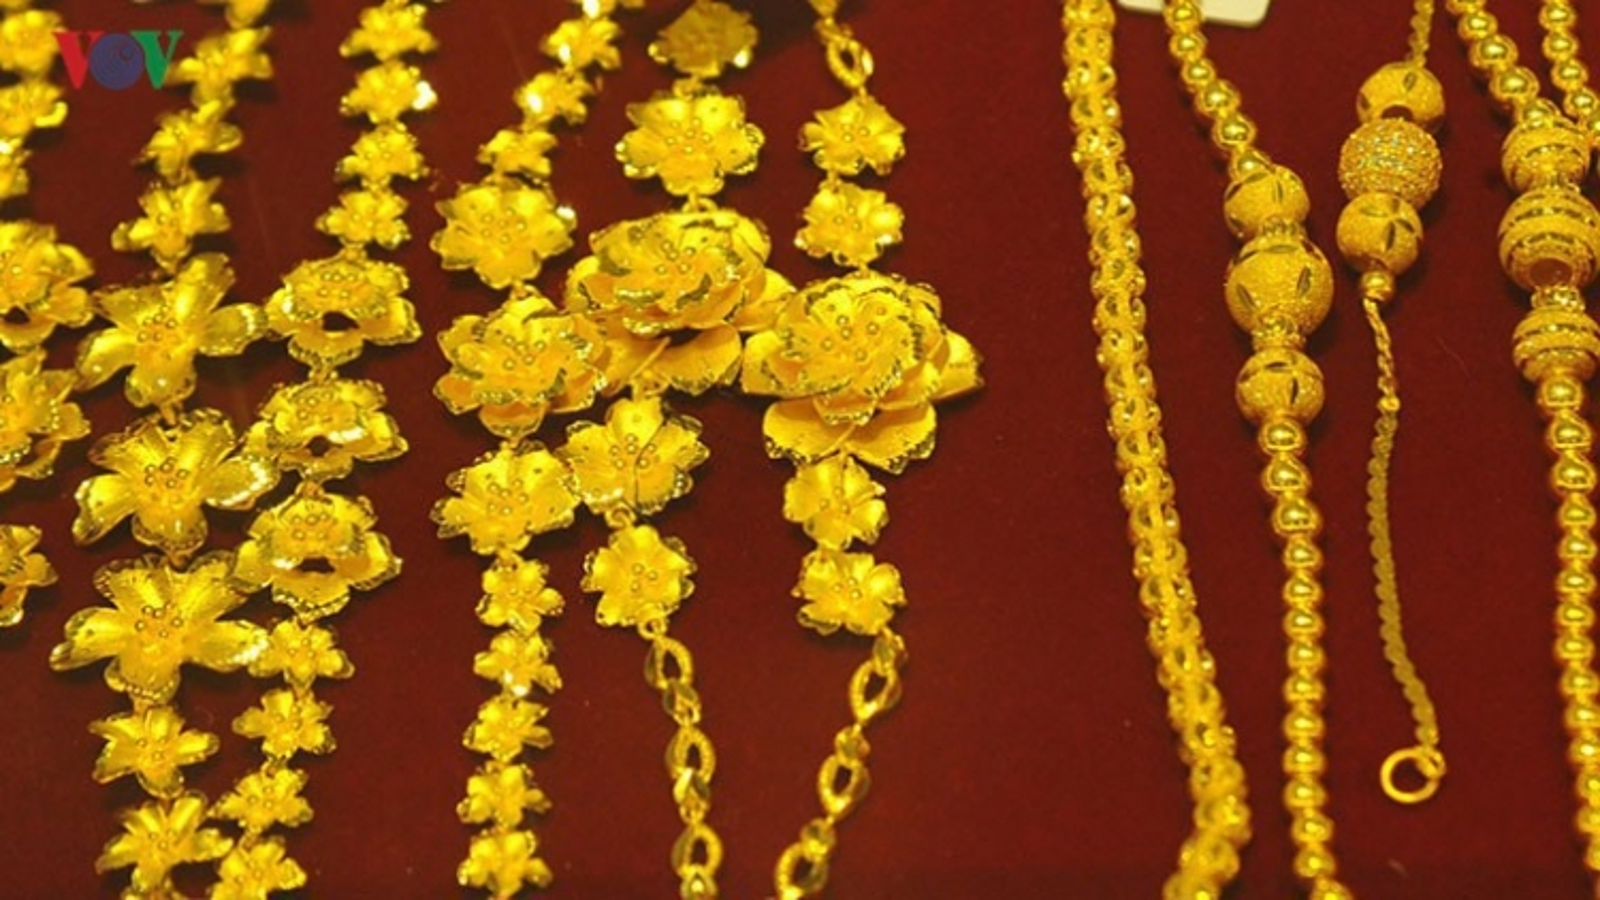 Giá vàng SJC gần 49 triệu đồng/lượng, nhưng vẫn thấp hơn vàng thế giới